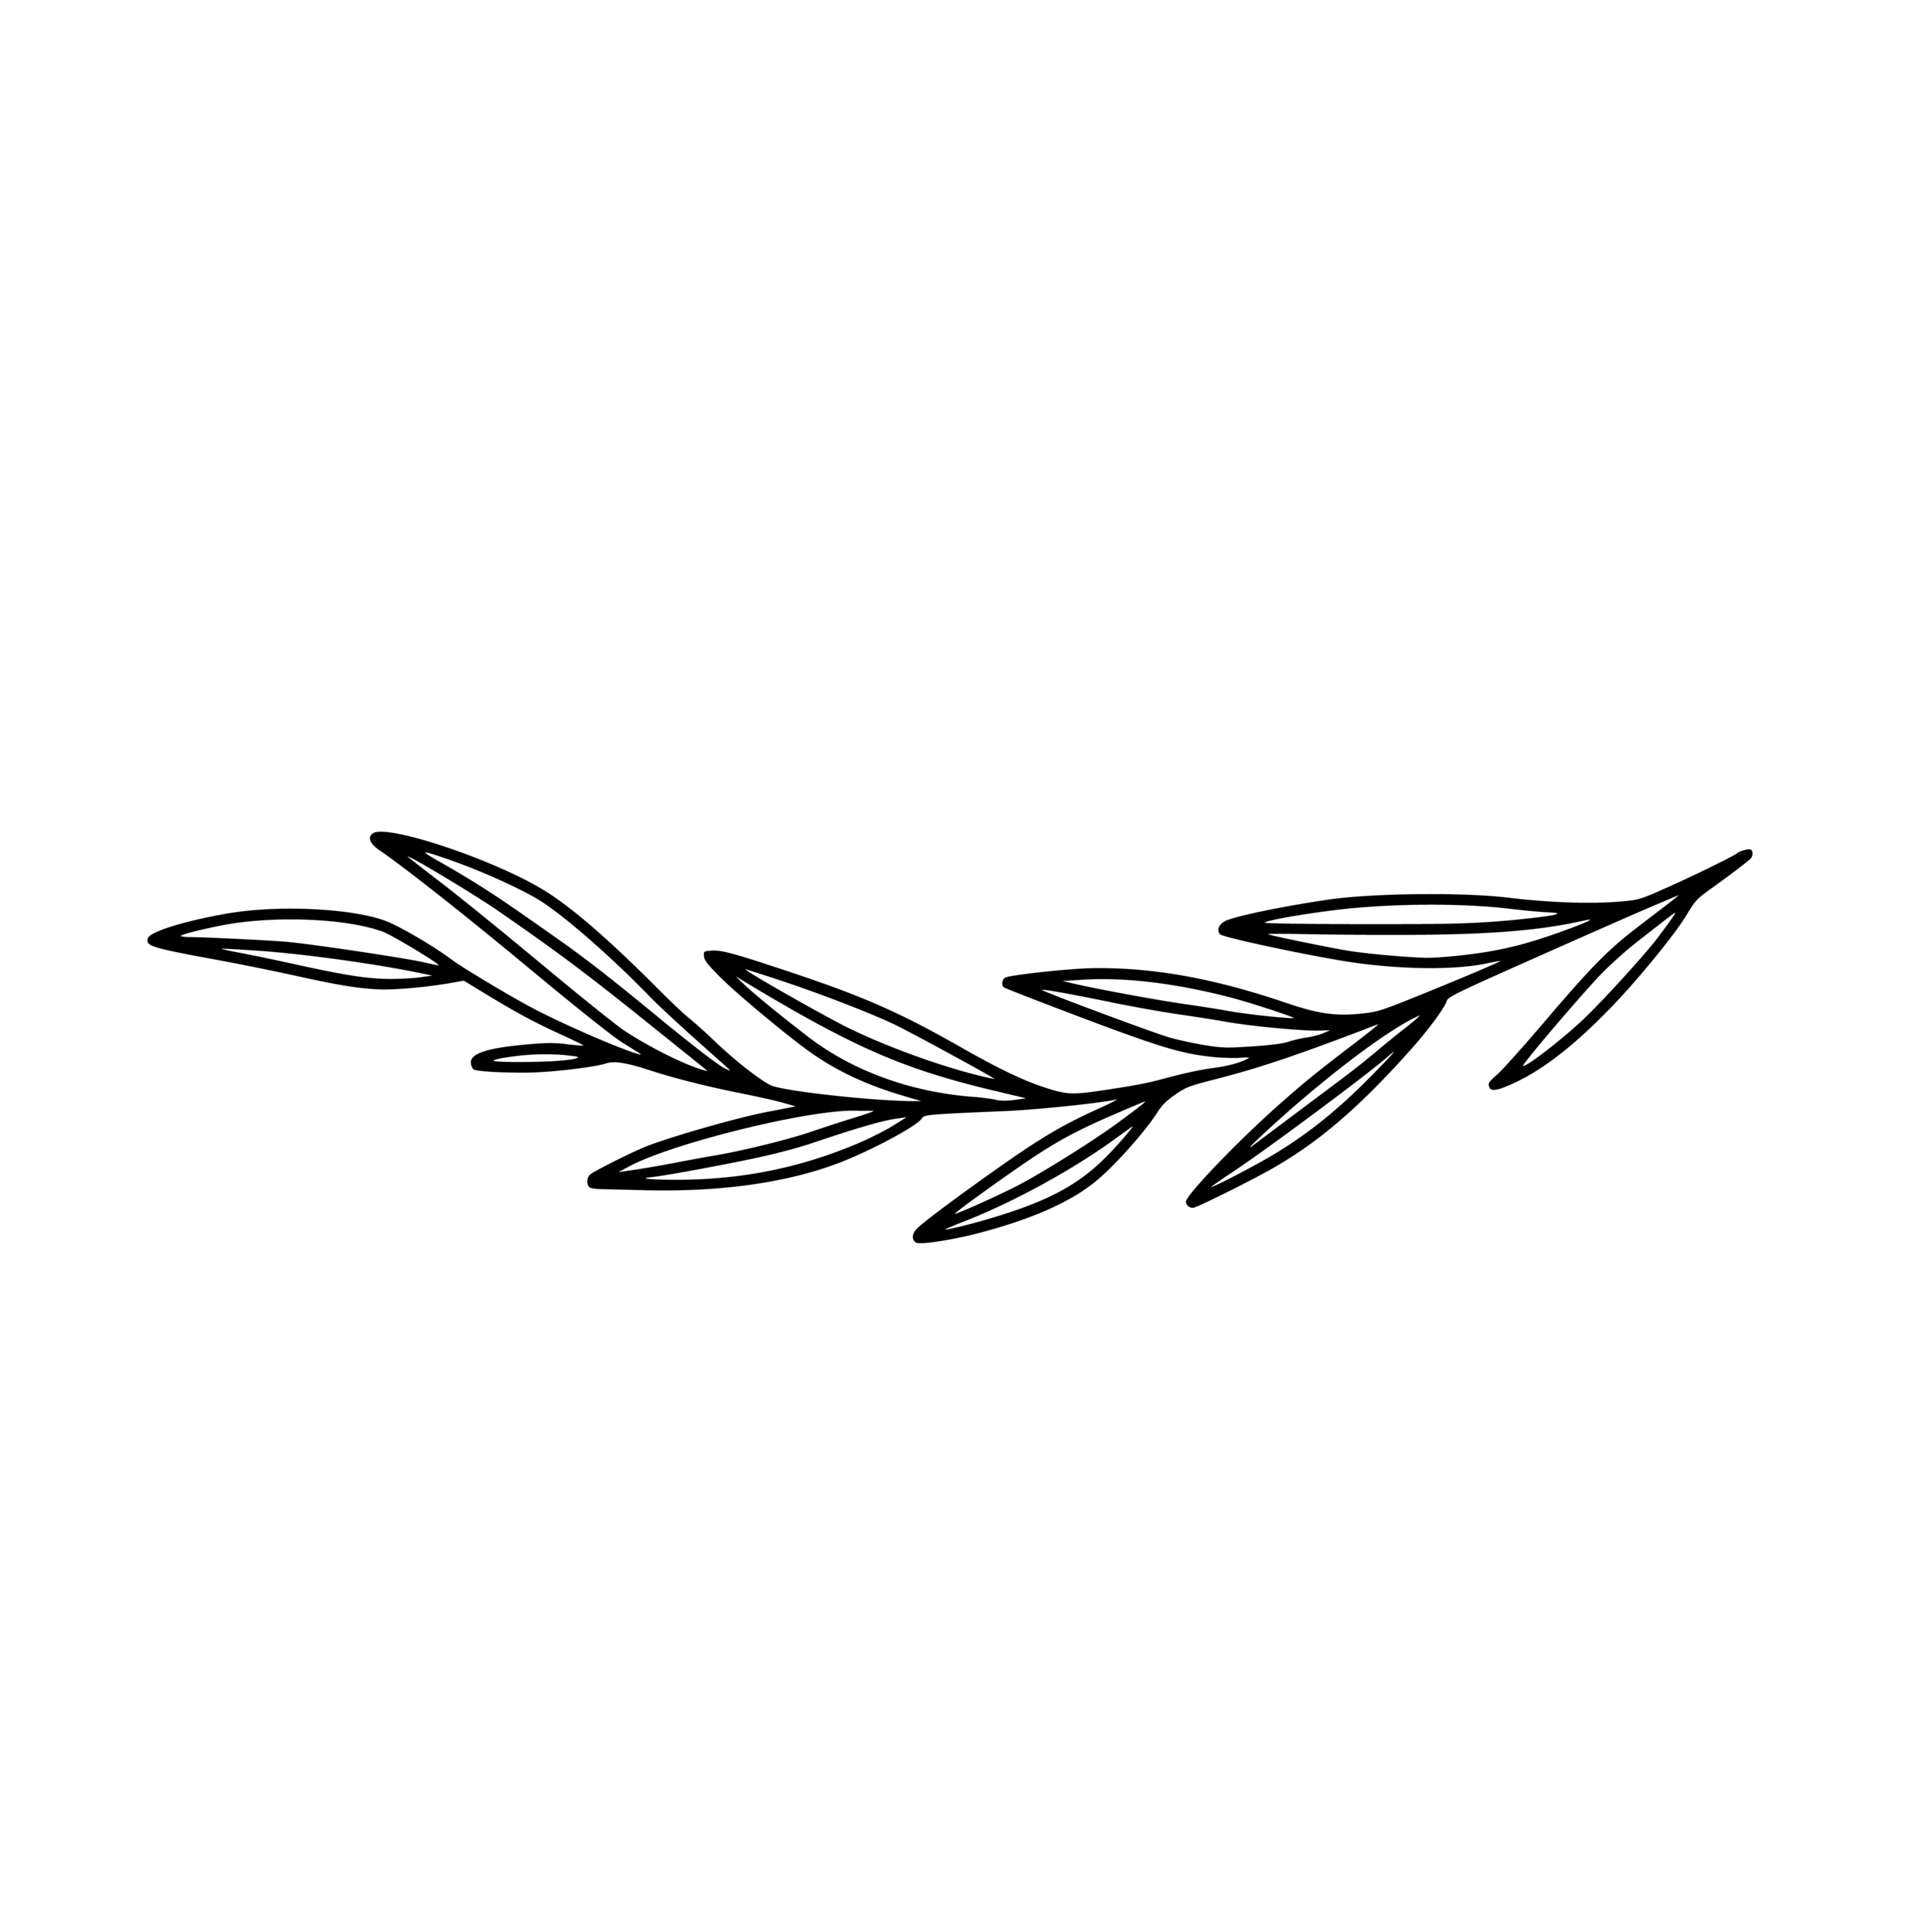 BONUS_Black_on_transparent_background-12.png